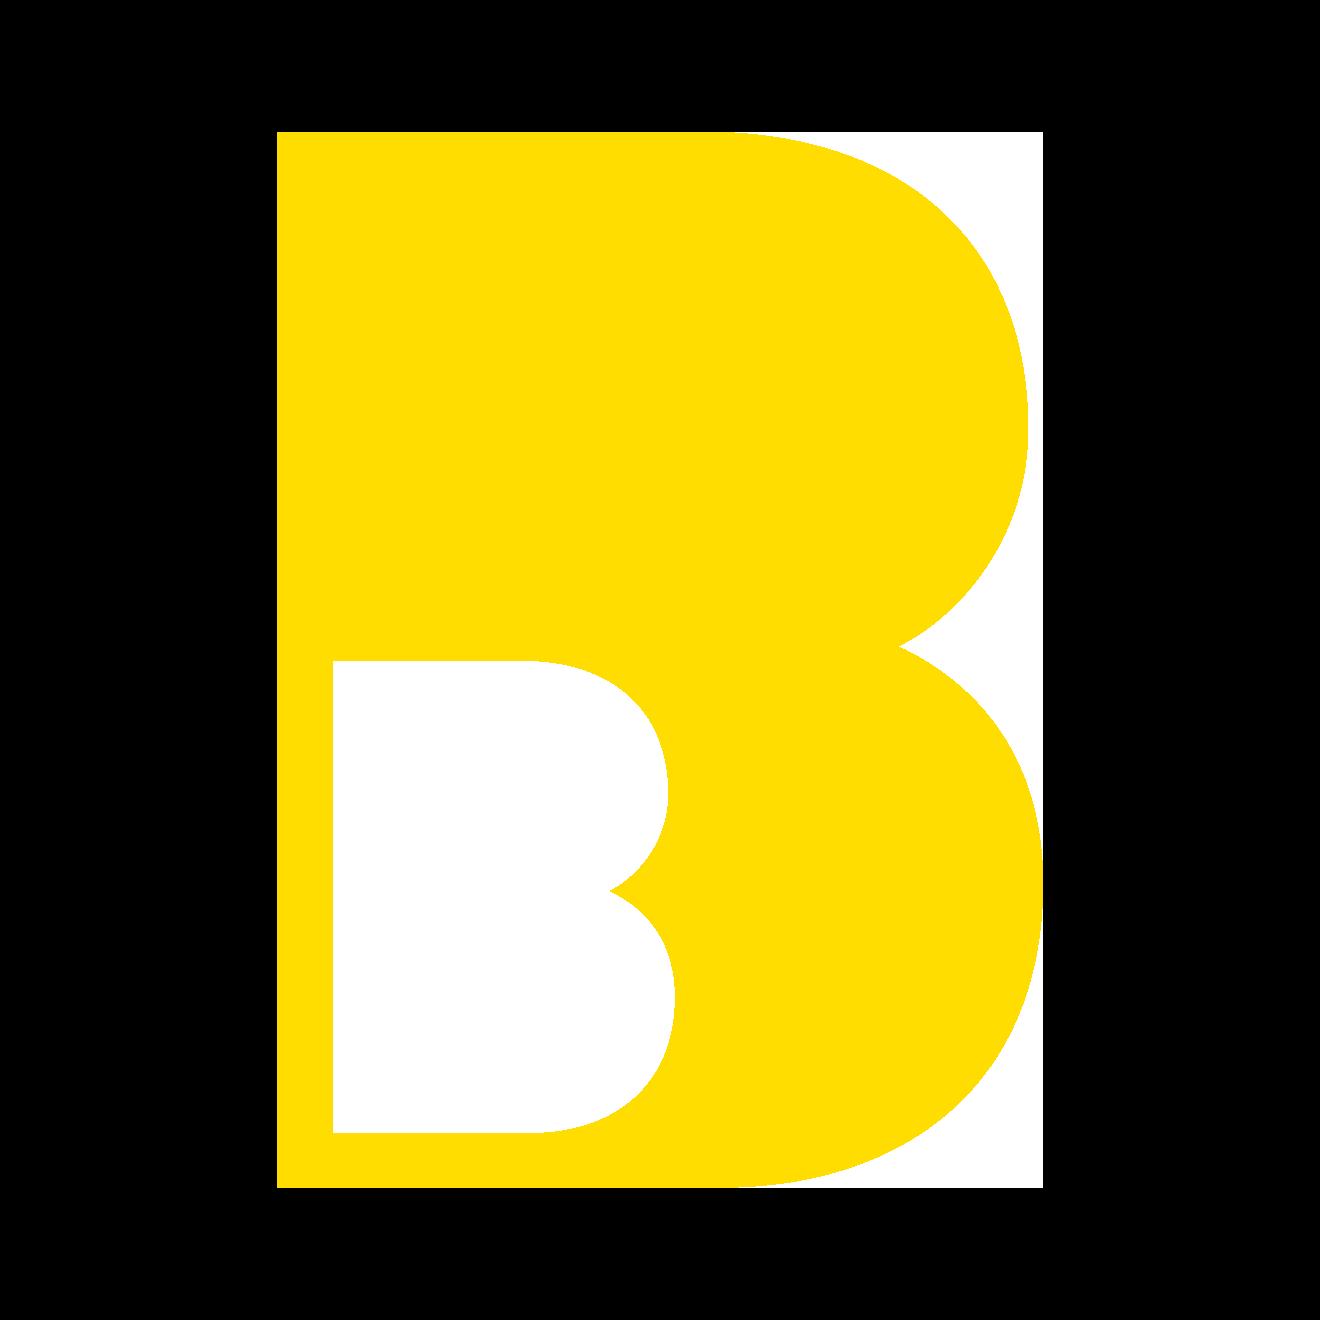 Berlin & Beyond in Focus